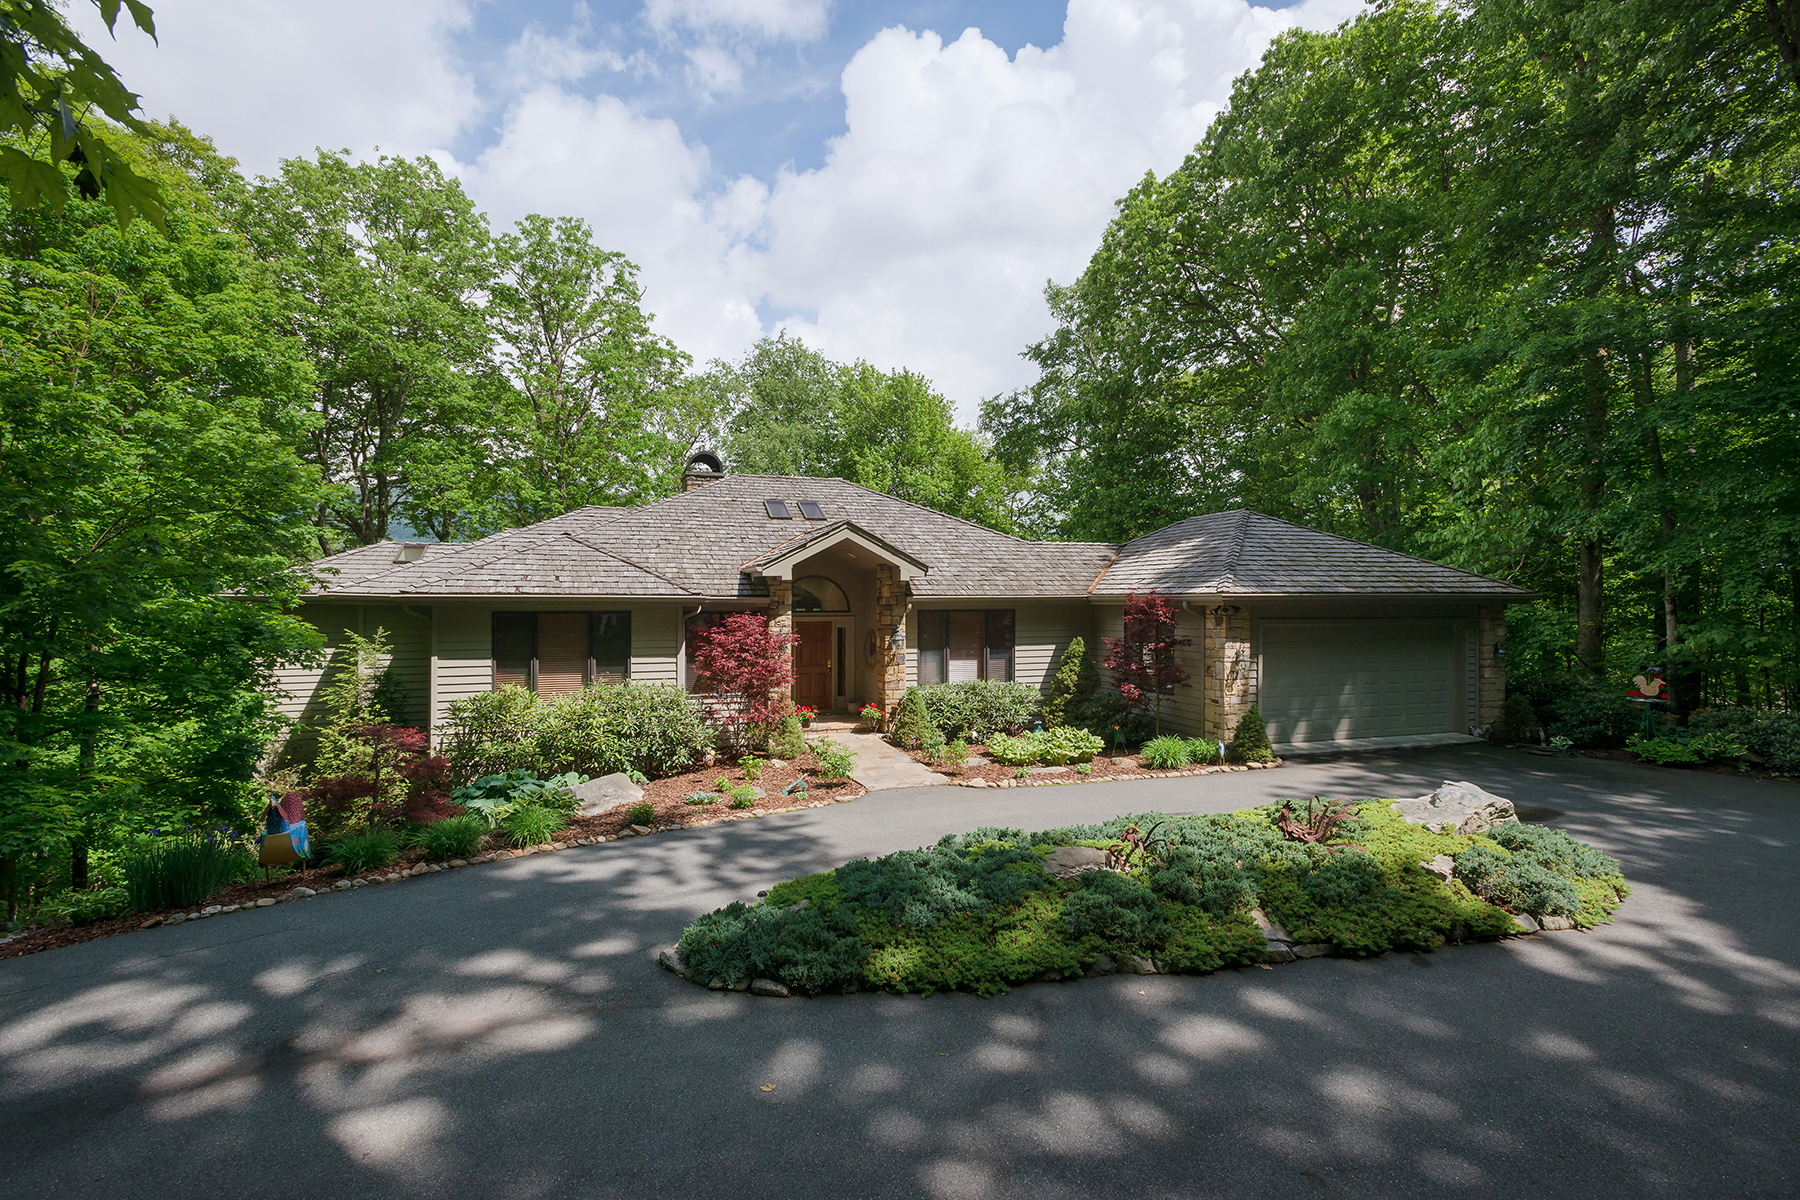 Single Family Home for Sale at LINVILLE - LINVILLE RIDGE 1038 Ridge Drive 10 Linville, North Carolina, 28646 United States